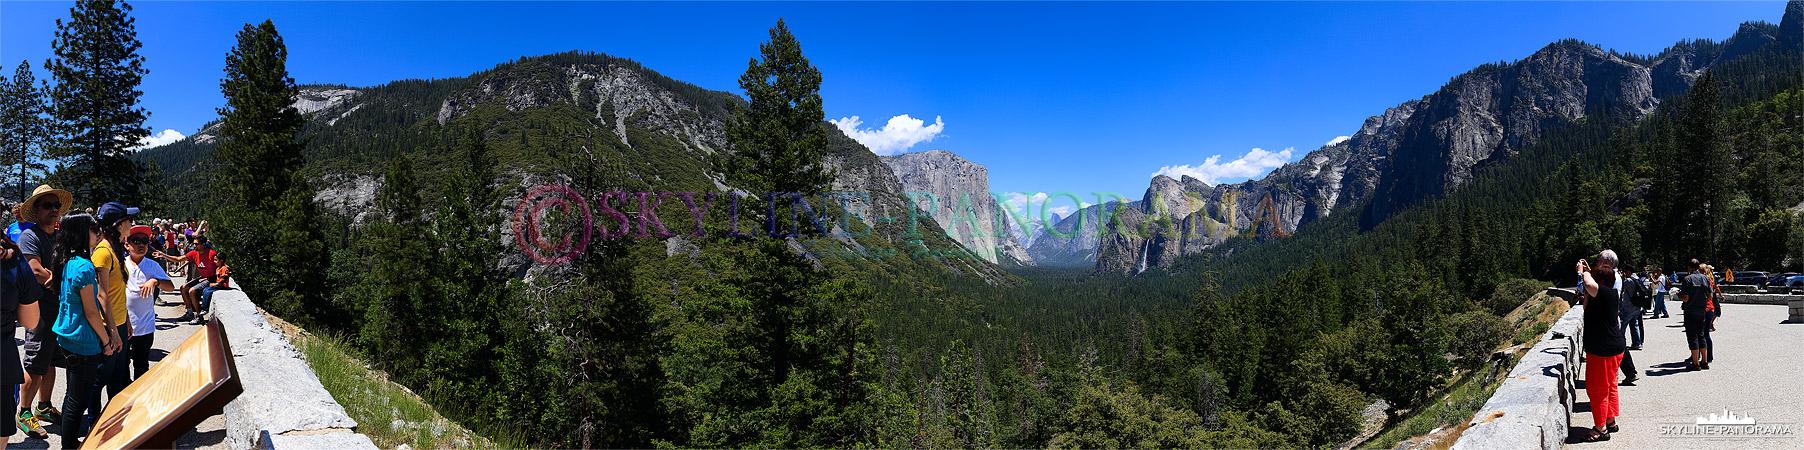 Die Aussicht vom Tunnel View Point bereitet den Besuchern des Yosemite Nationalparks in Kalifornien einen Blick auf die schönsten Sehenswürdigkeiten des Tals.